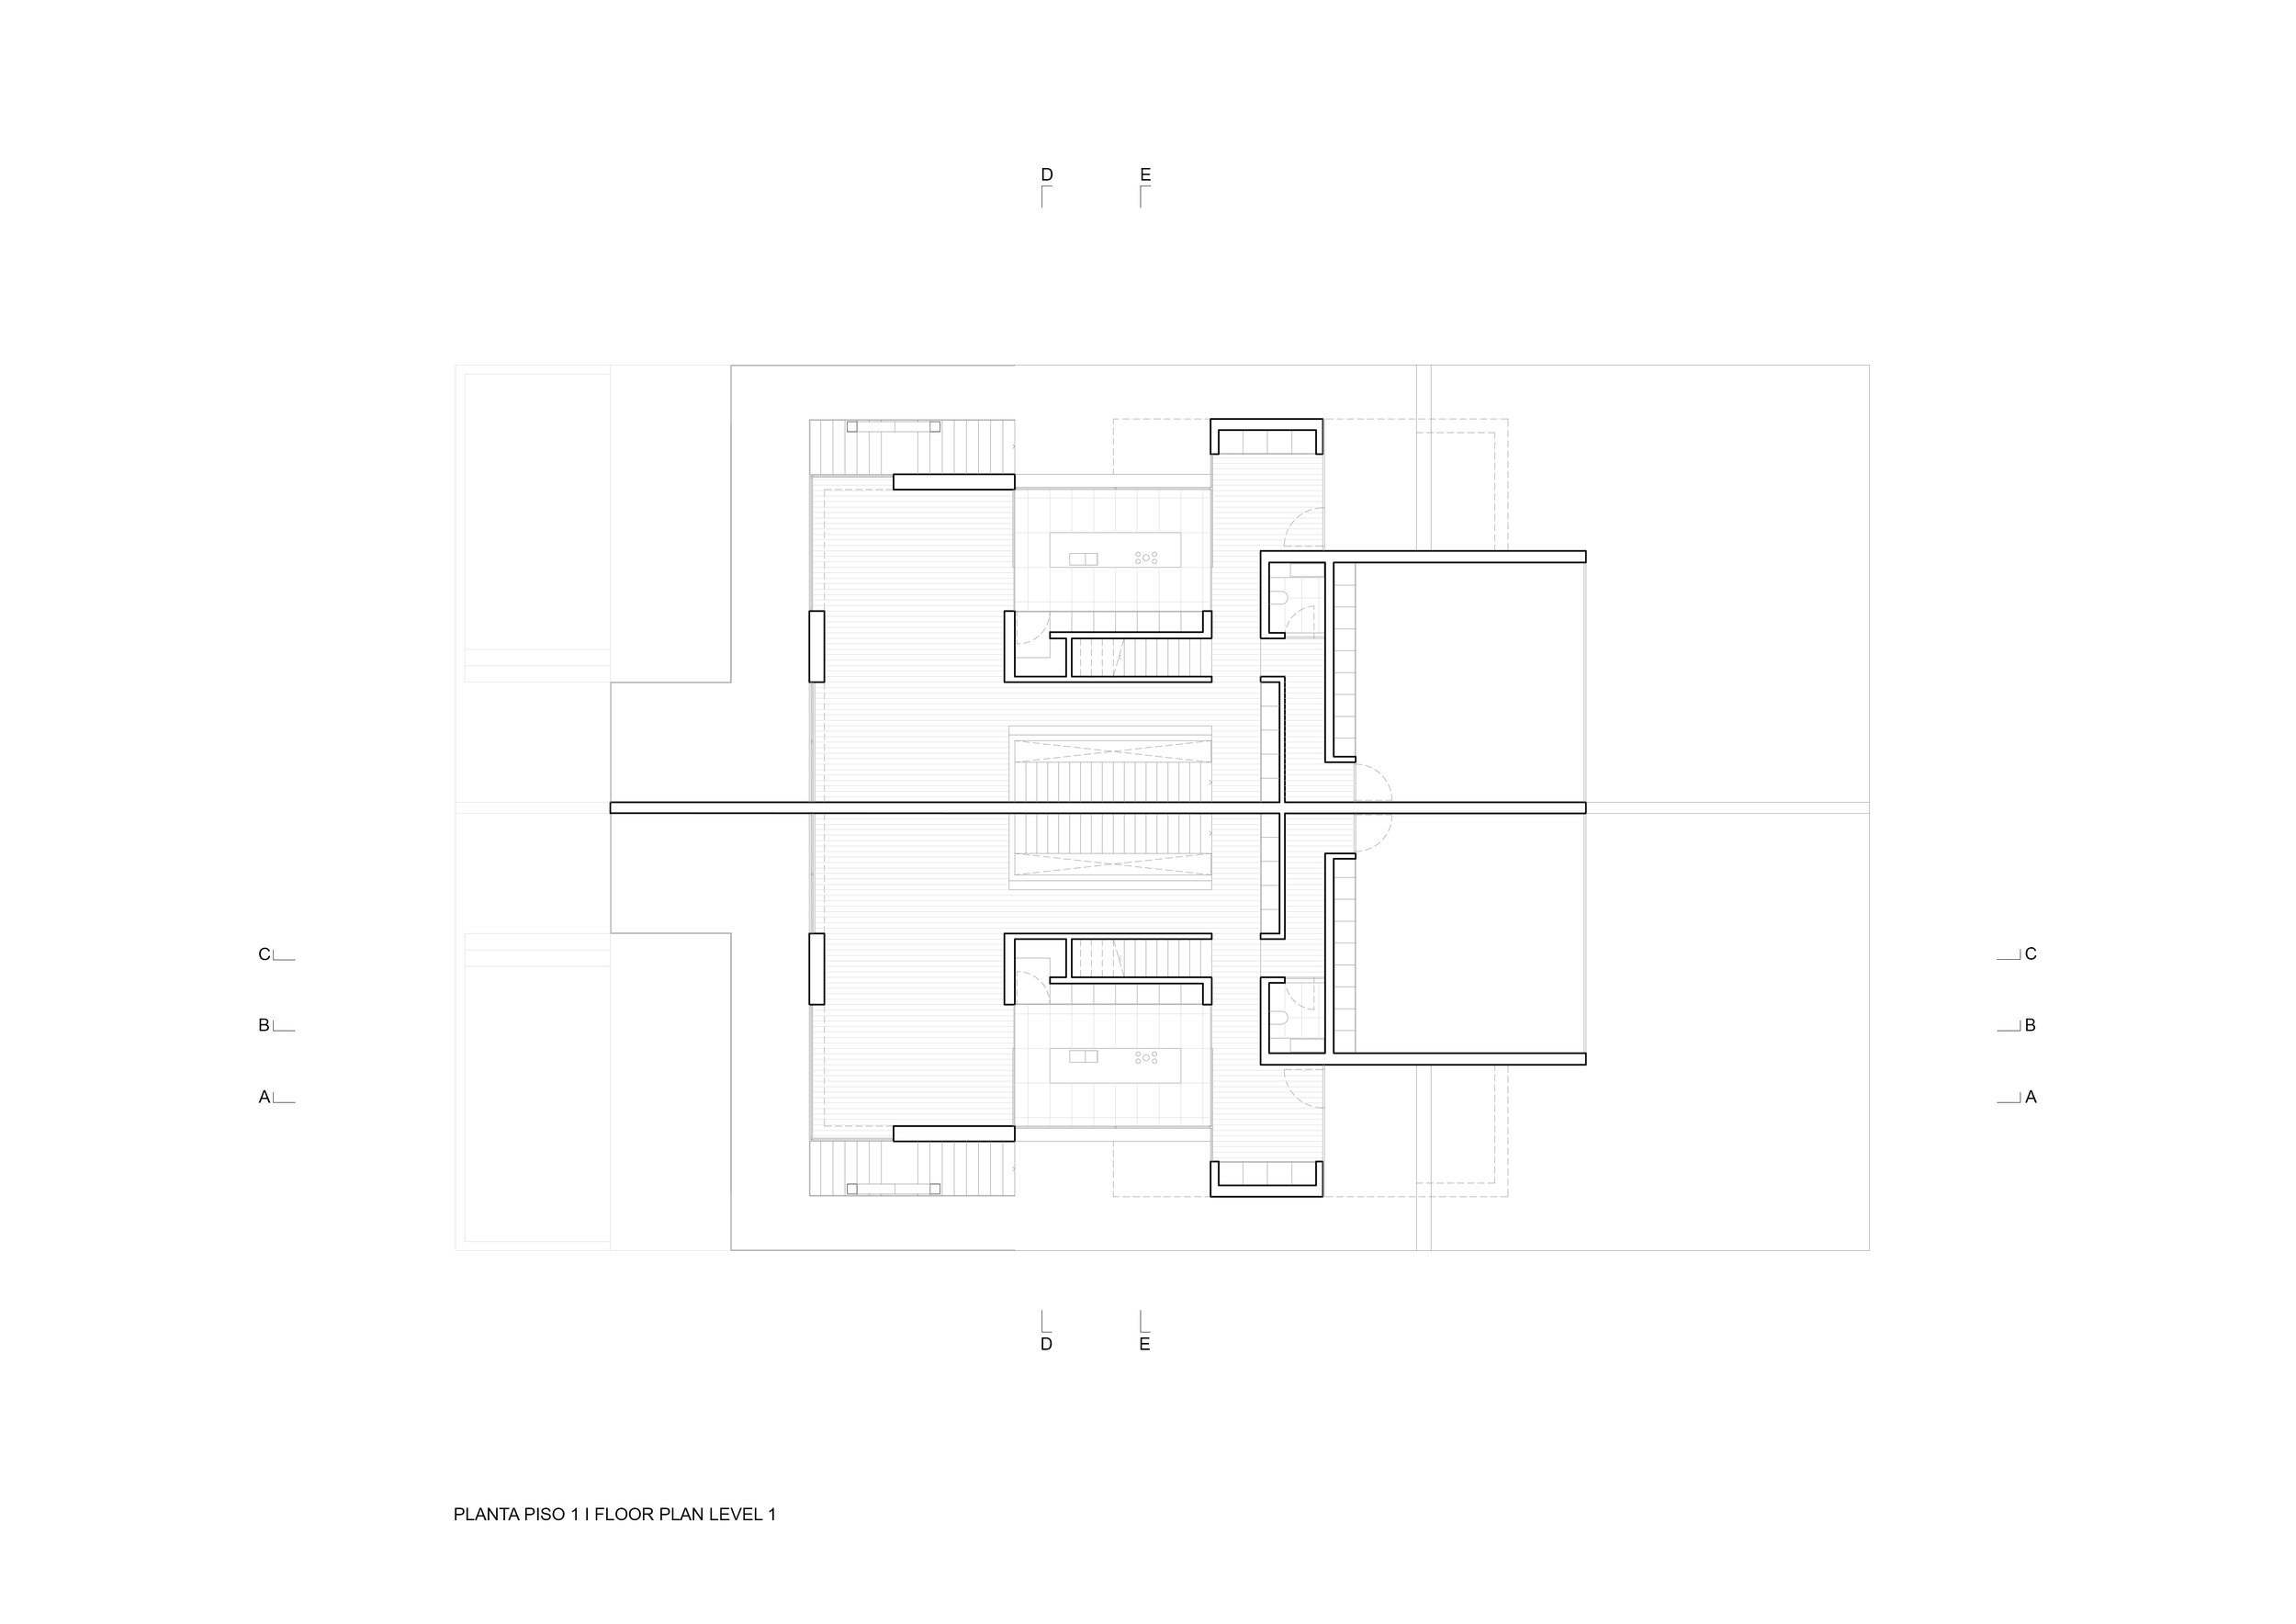 0.PLANTA 1.jpg